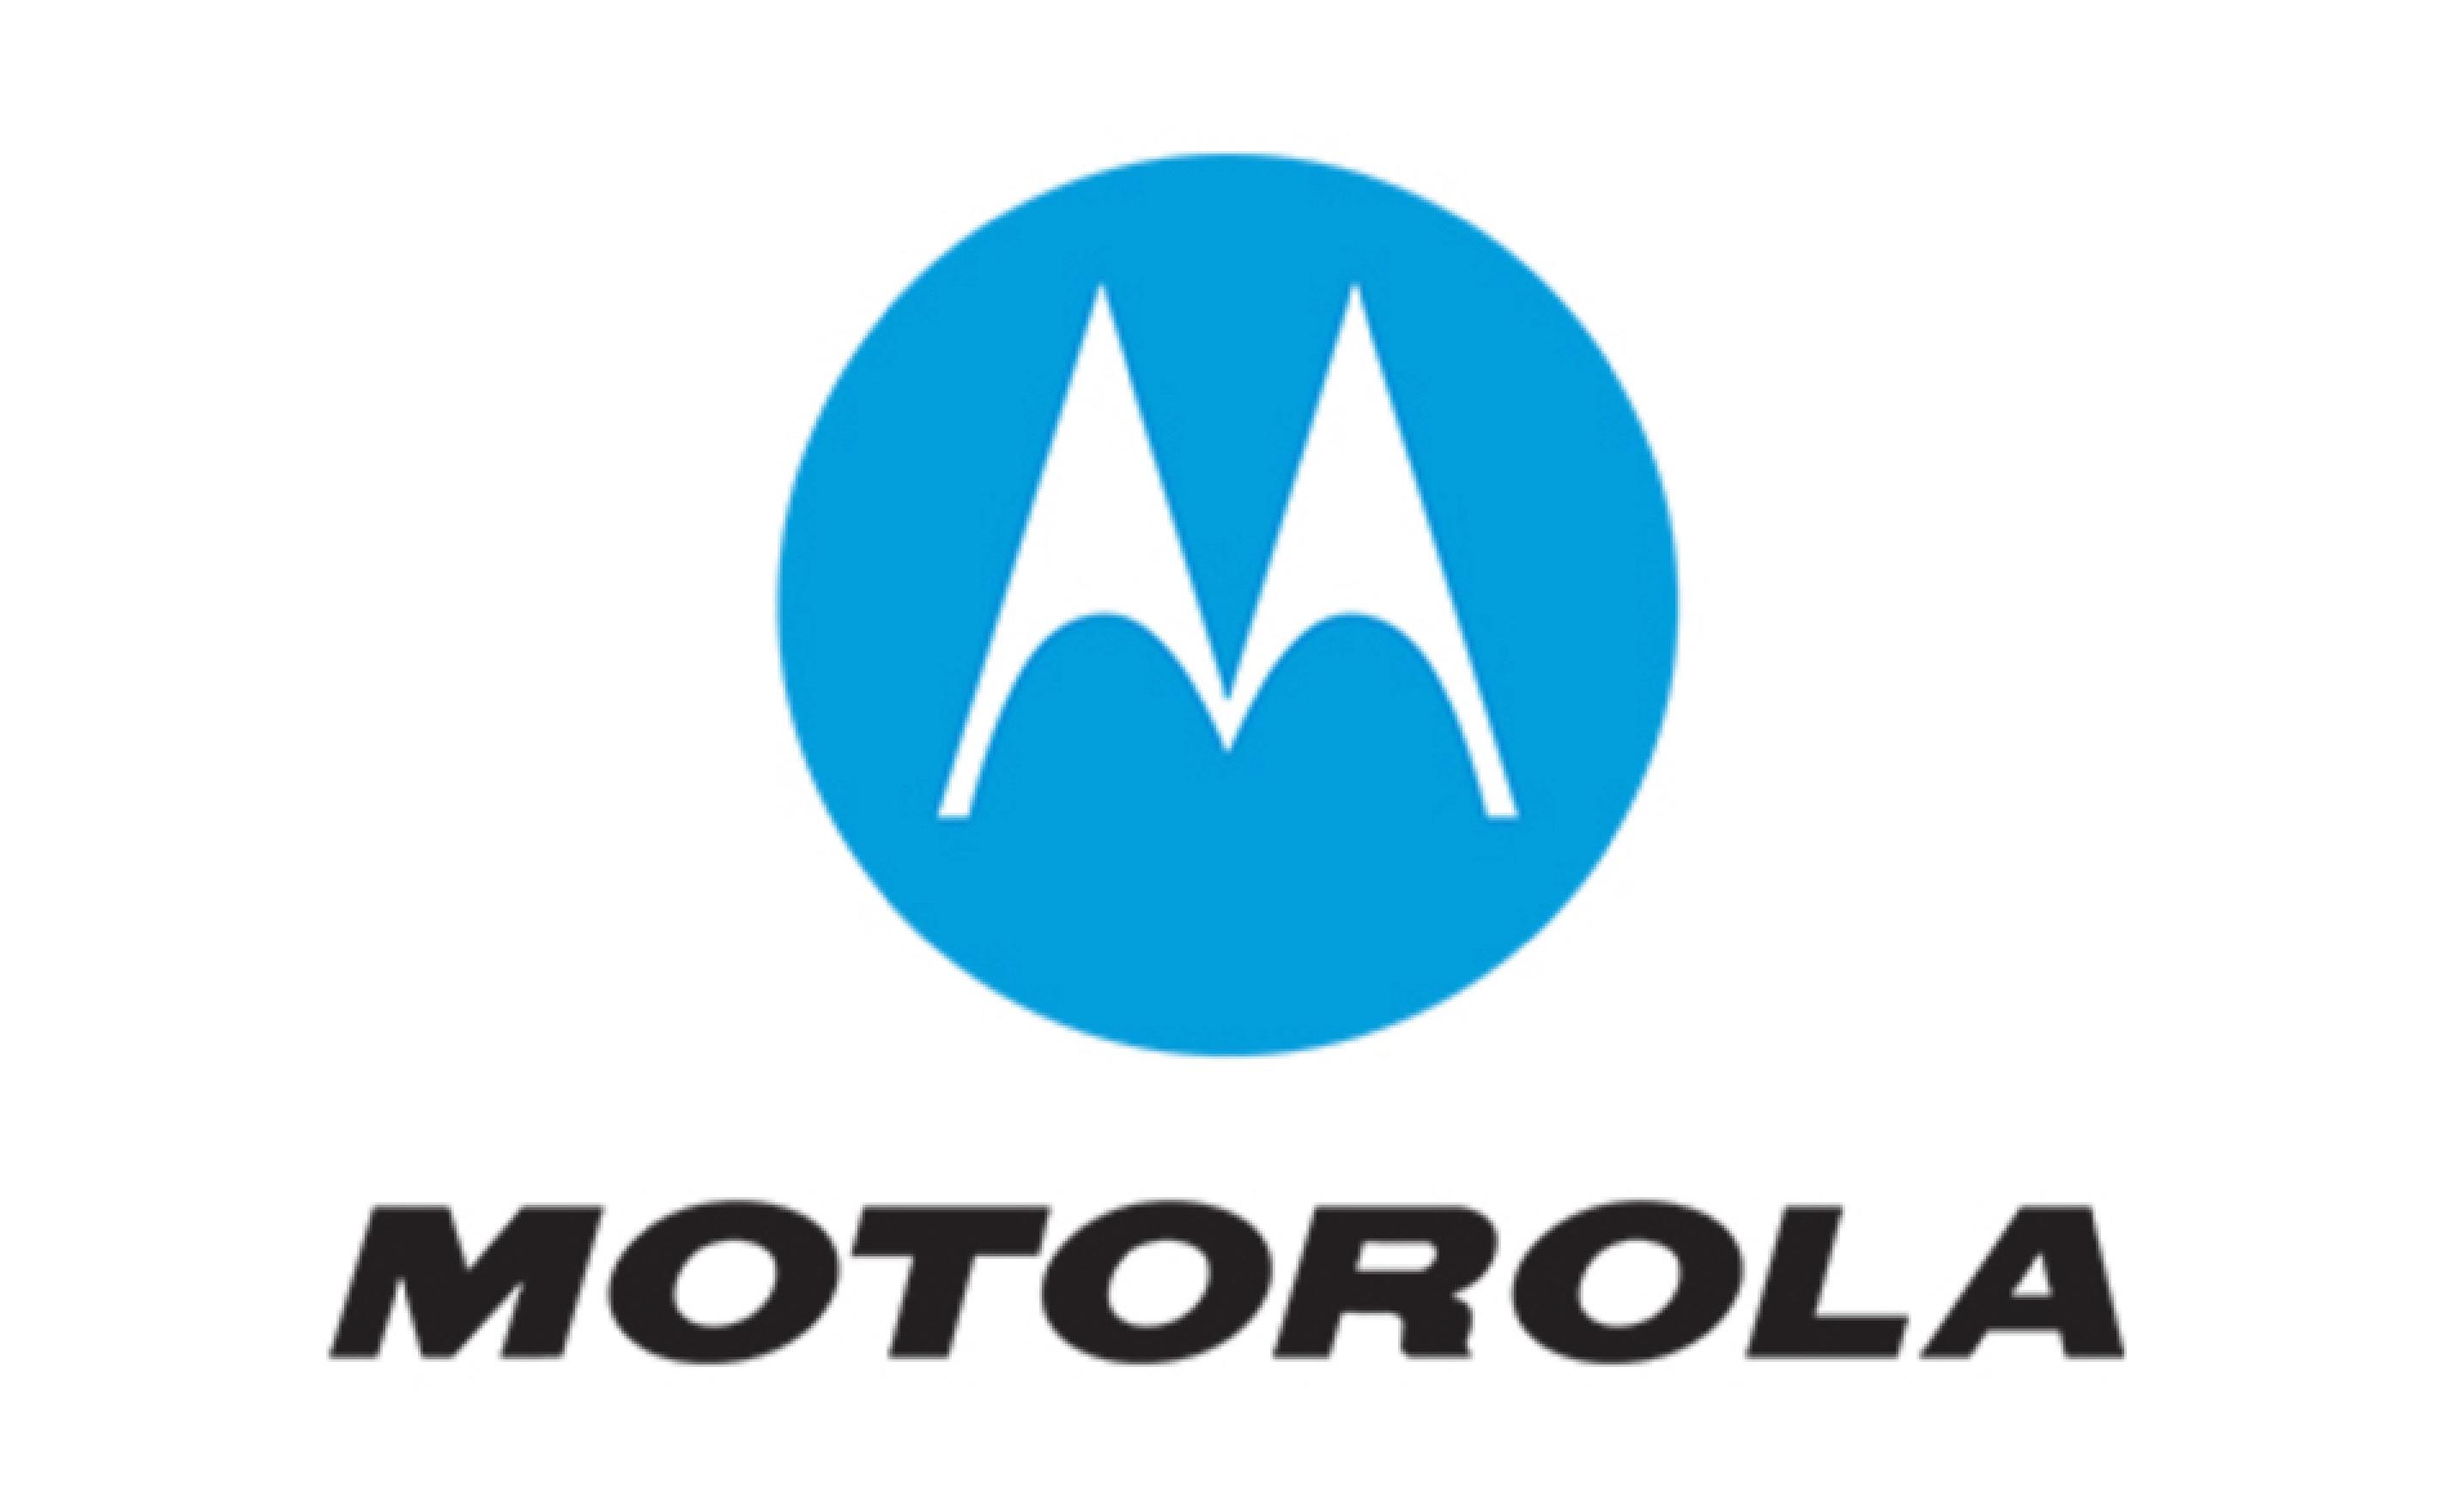 MOTOROLA-01